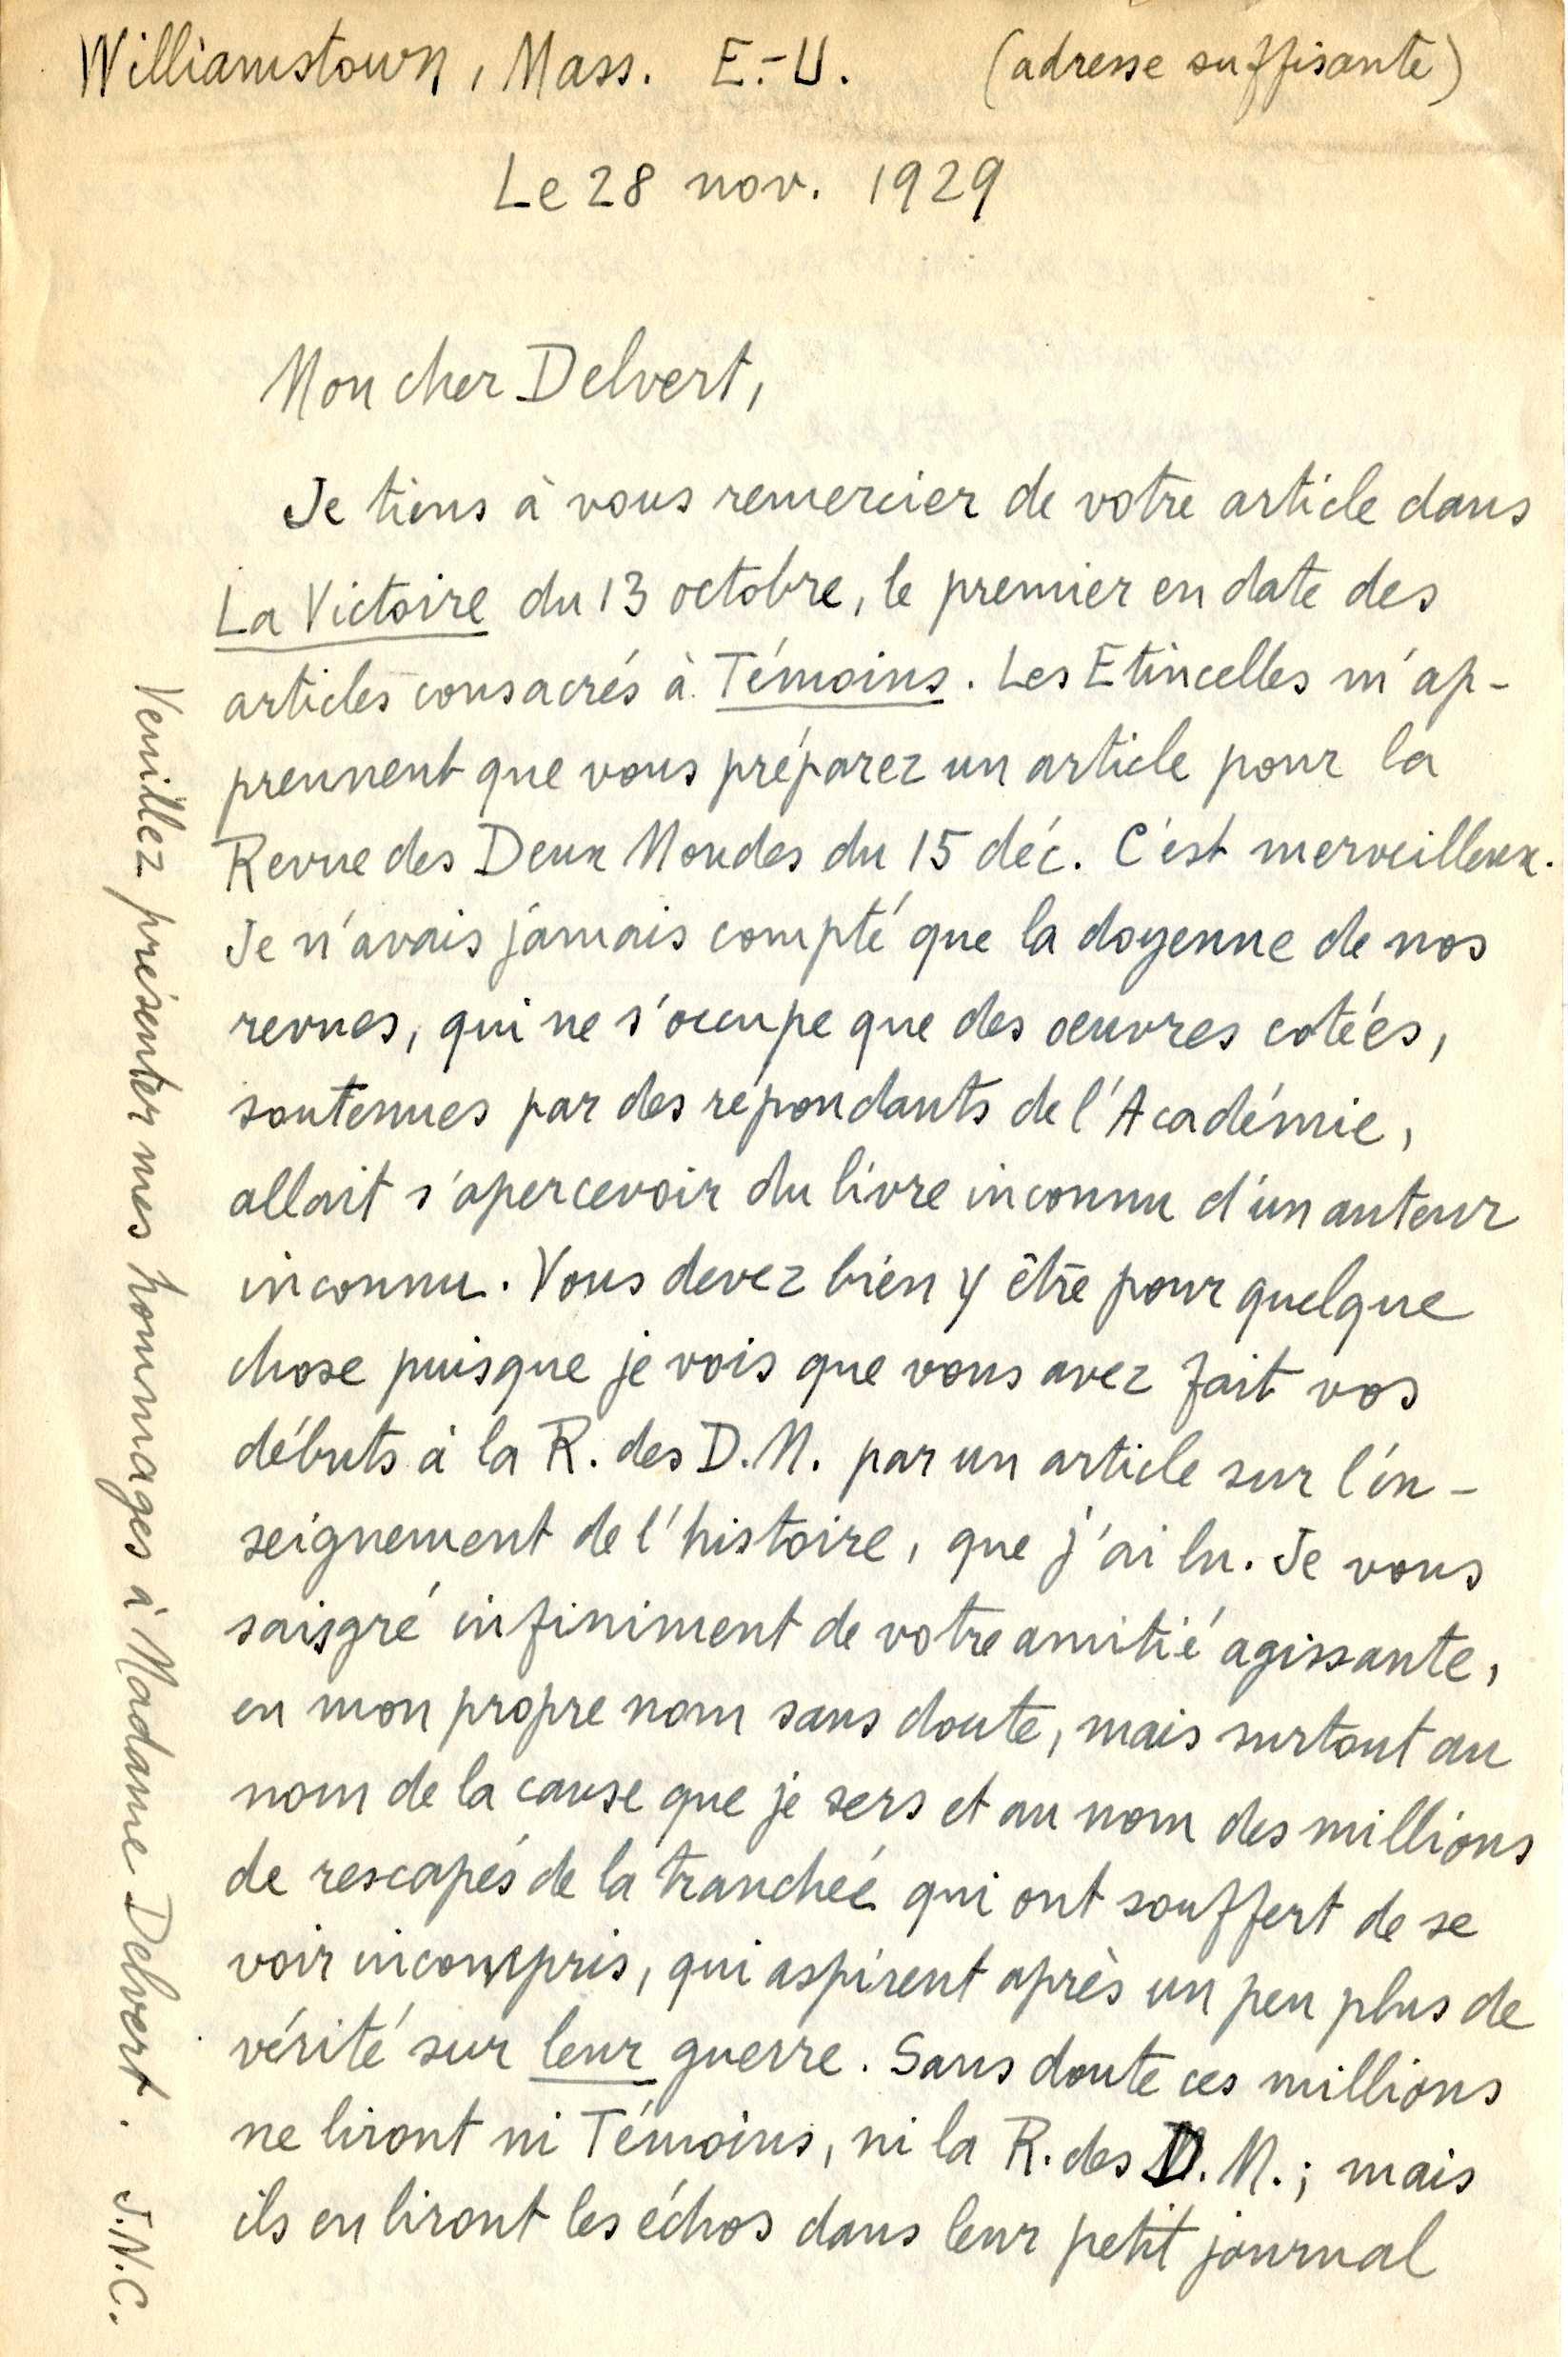 Lettre JNC 28 novembre 1929 1